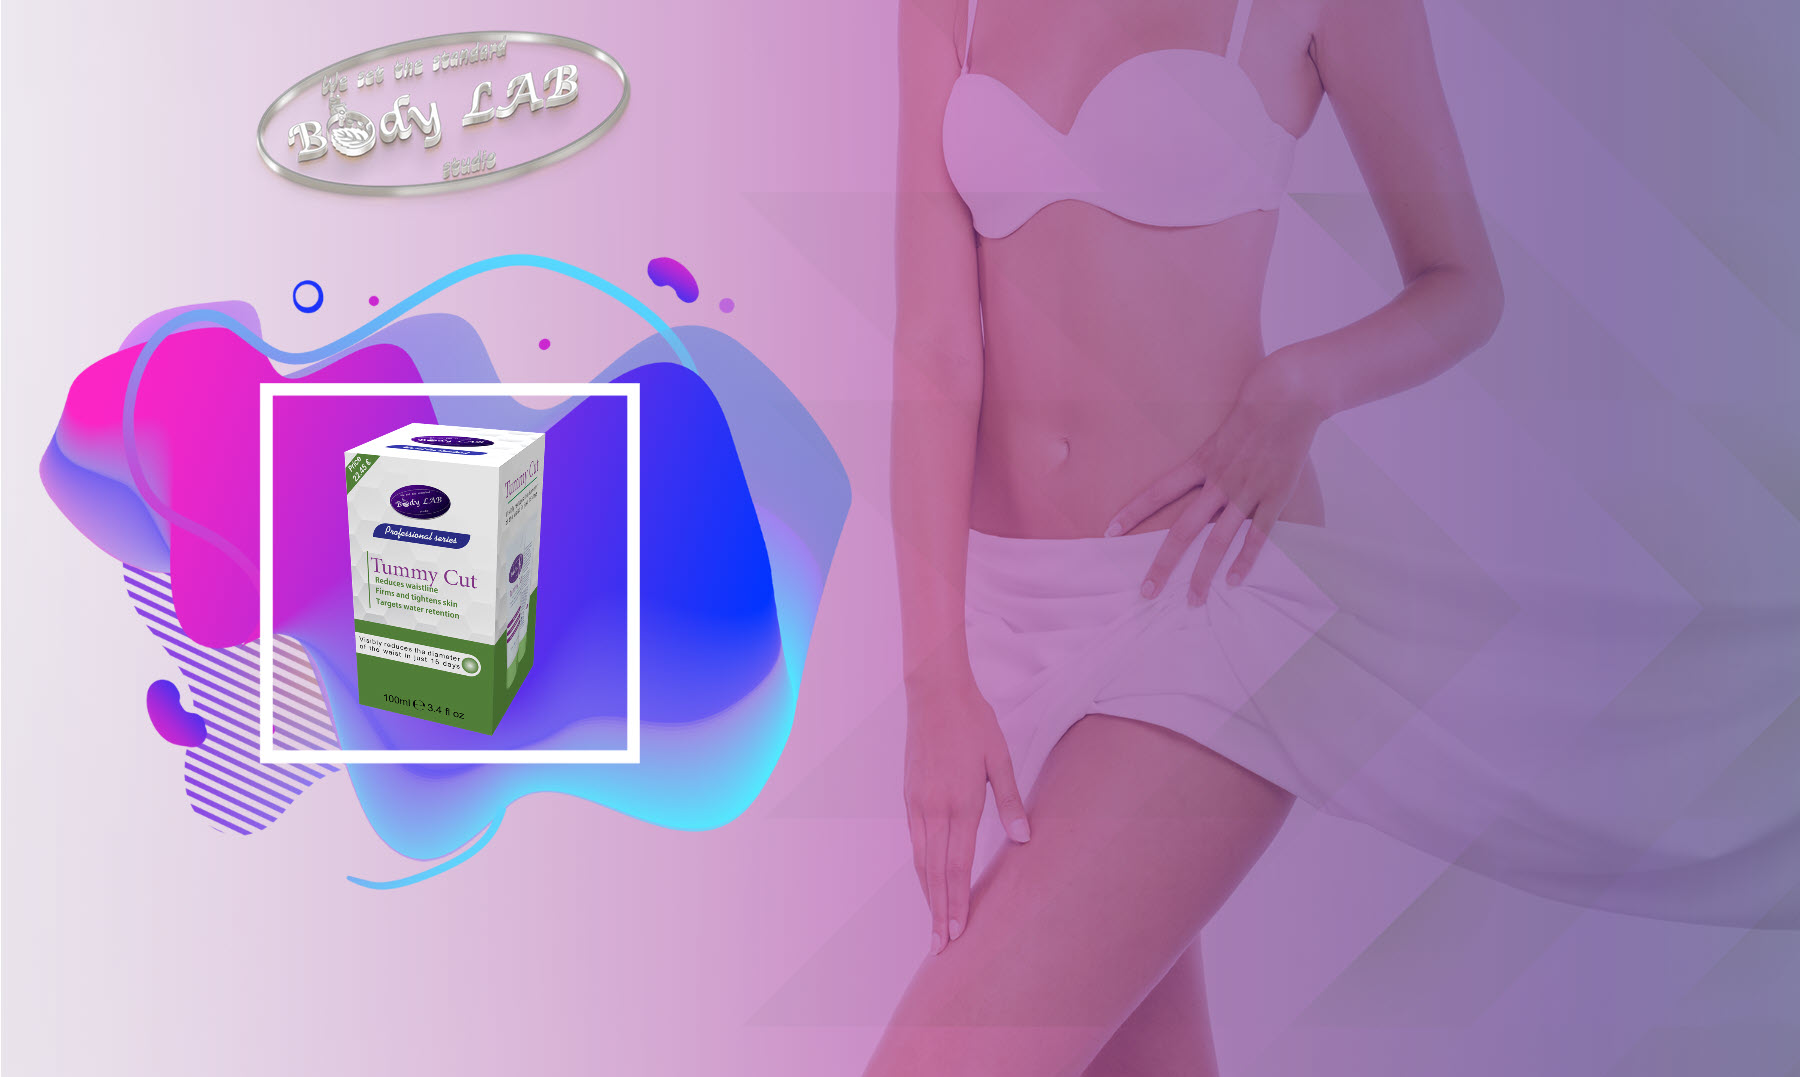 Стягащ крем Body Tummy Cut от BodyLAB Studio